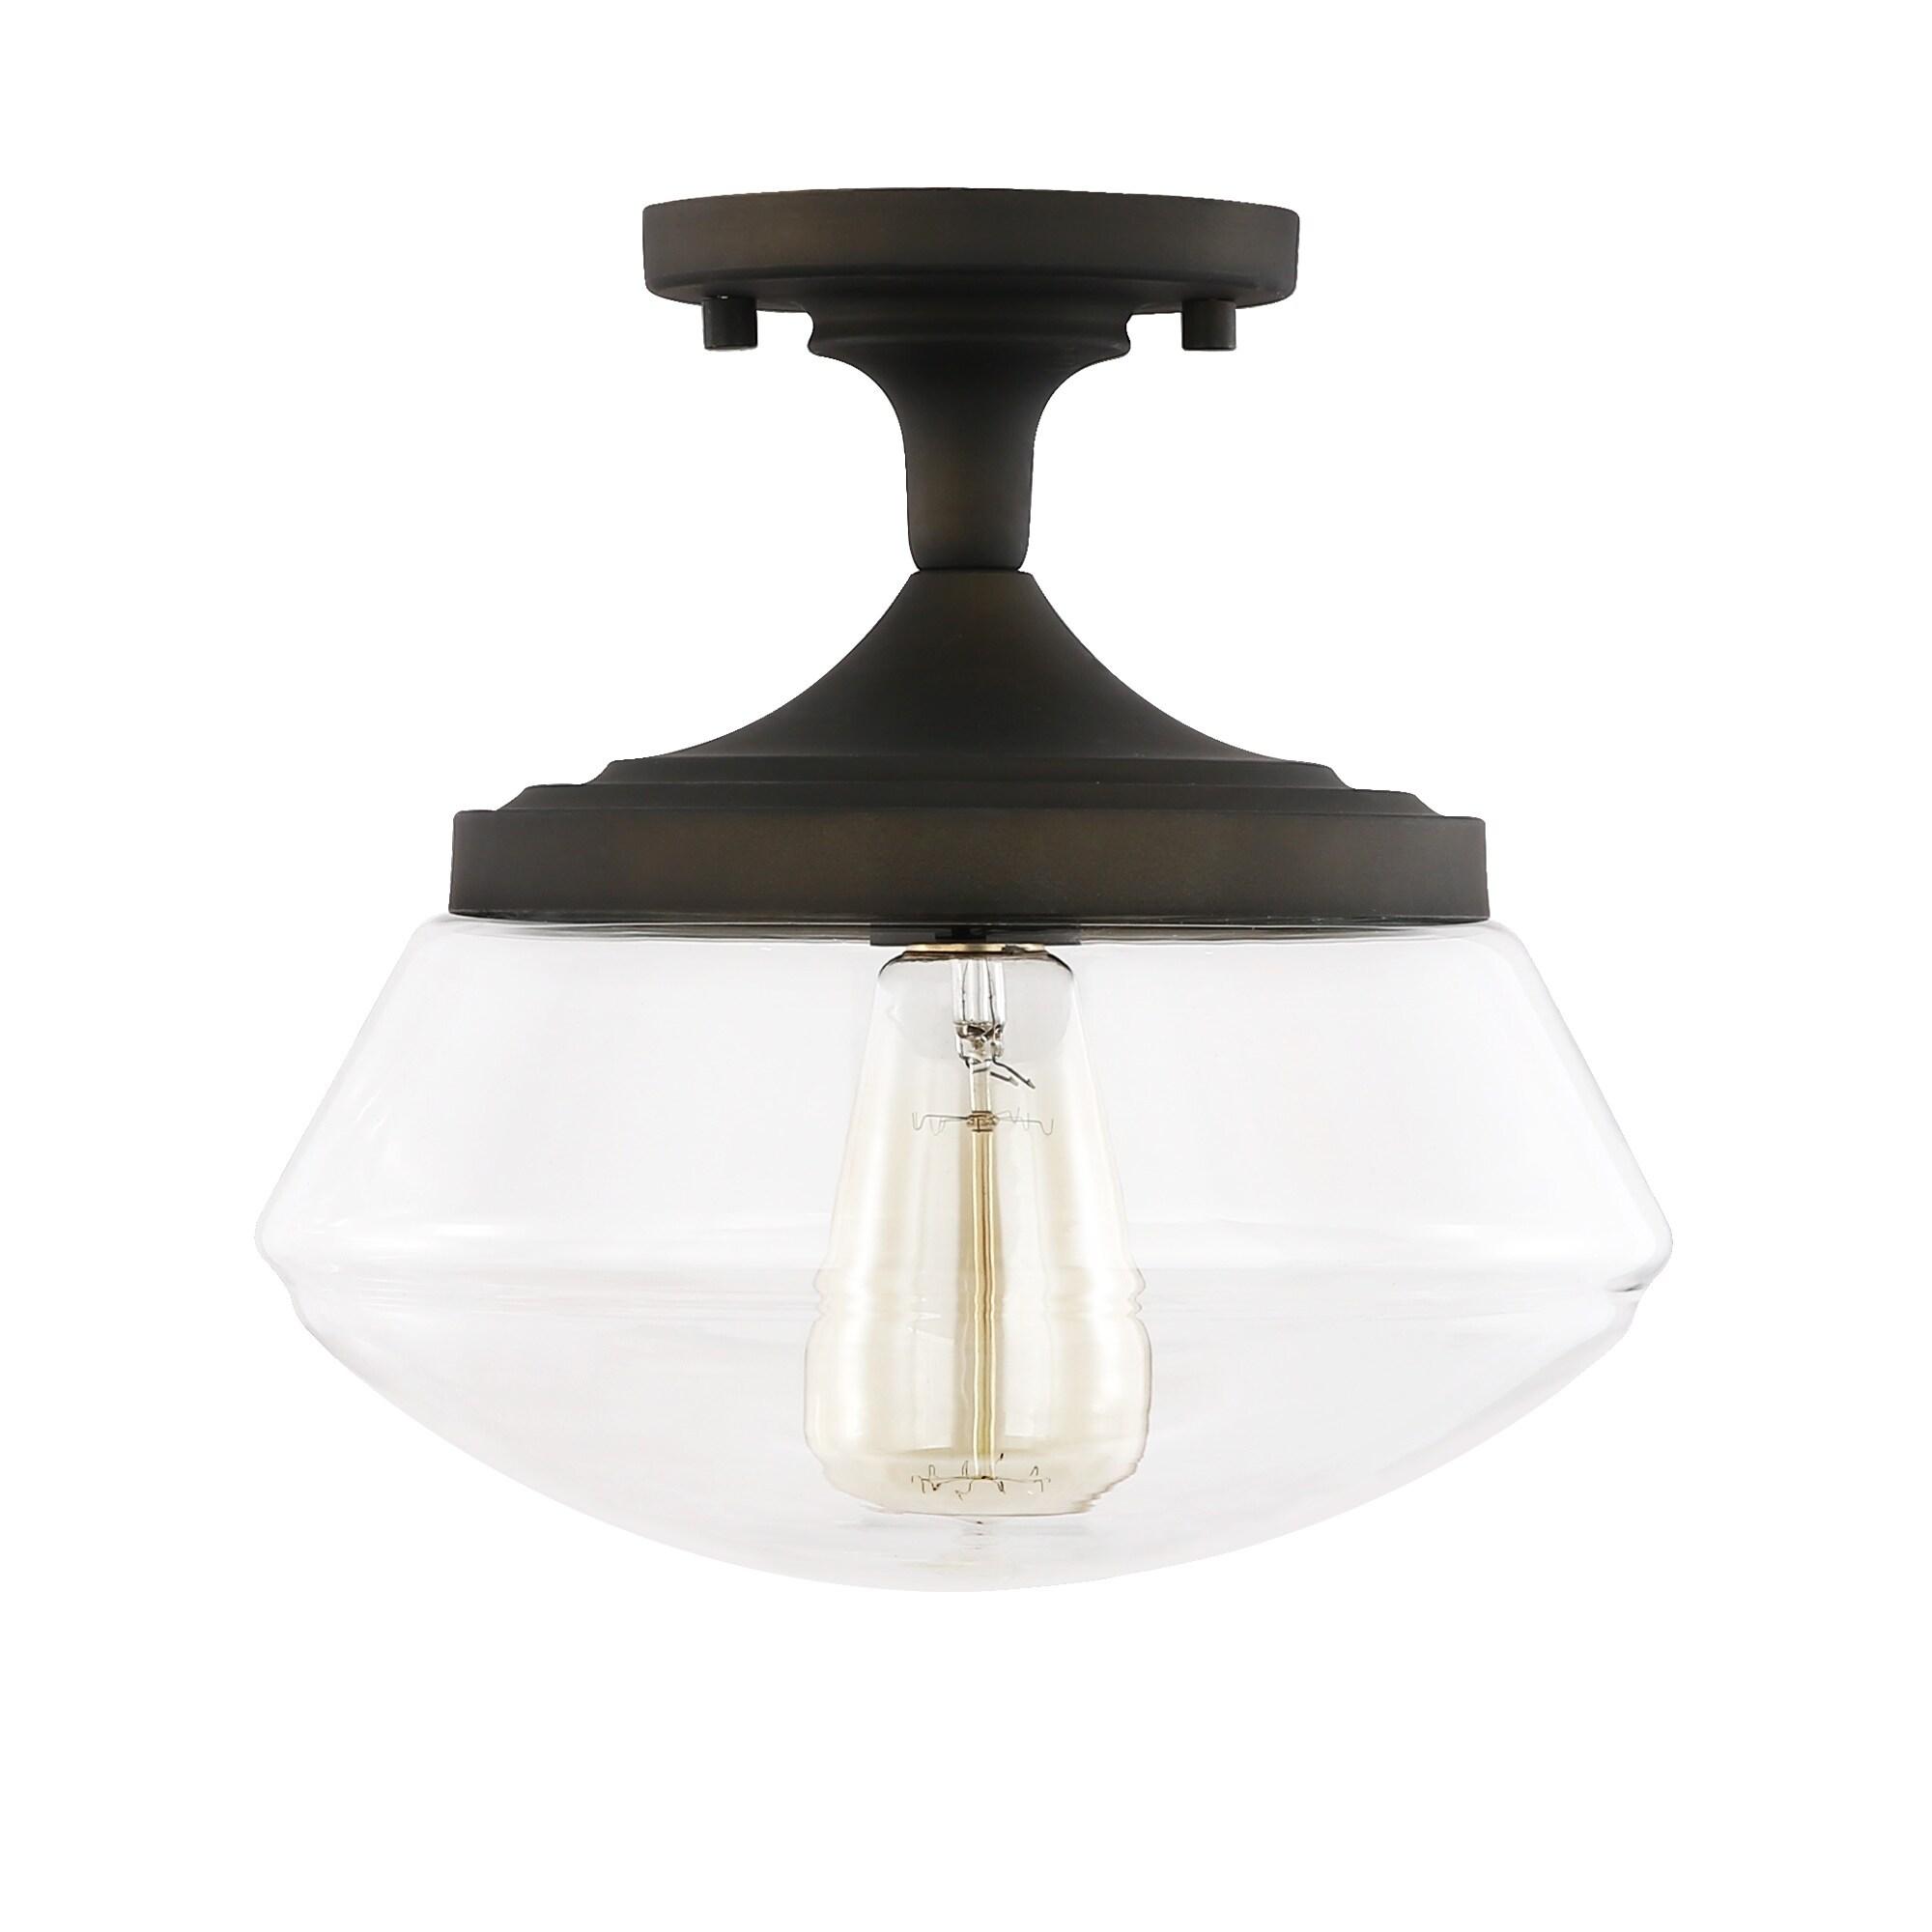 chromeclear bar ceiling x p clear chrome searchlight light asp finish wine glass single ceilings